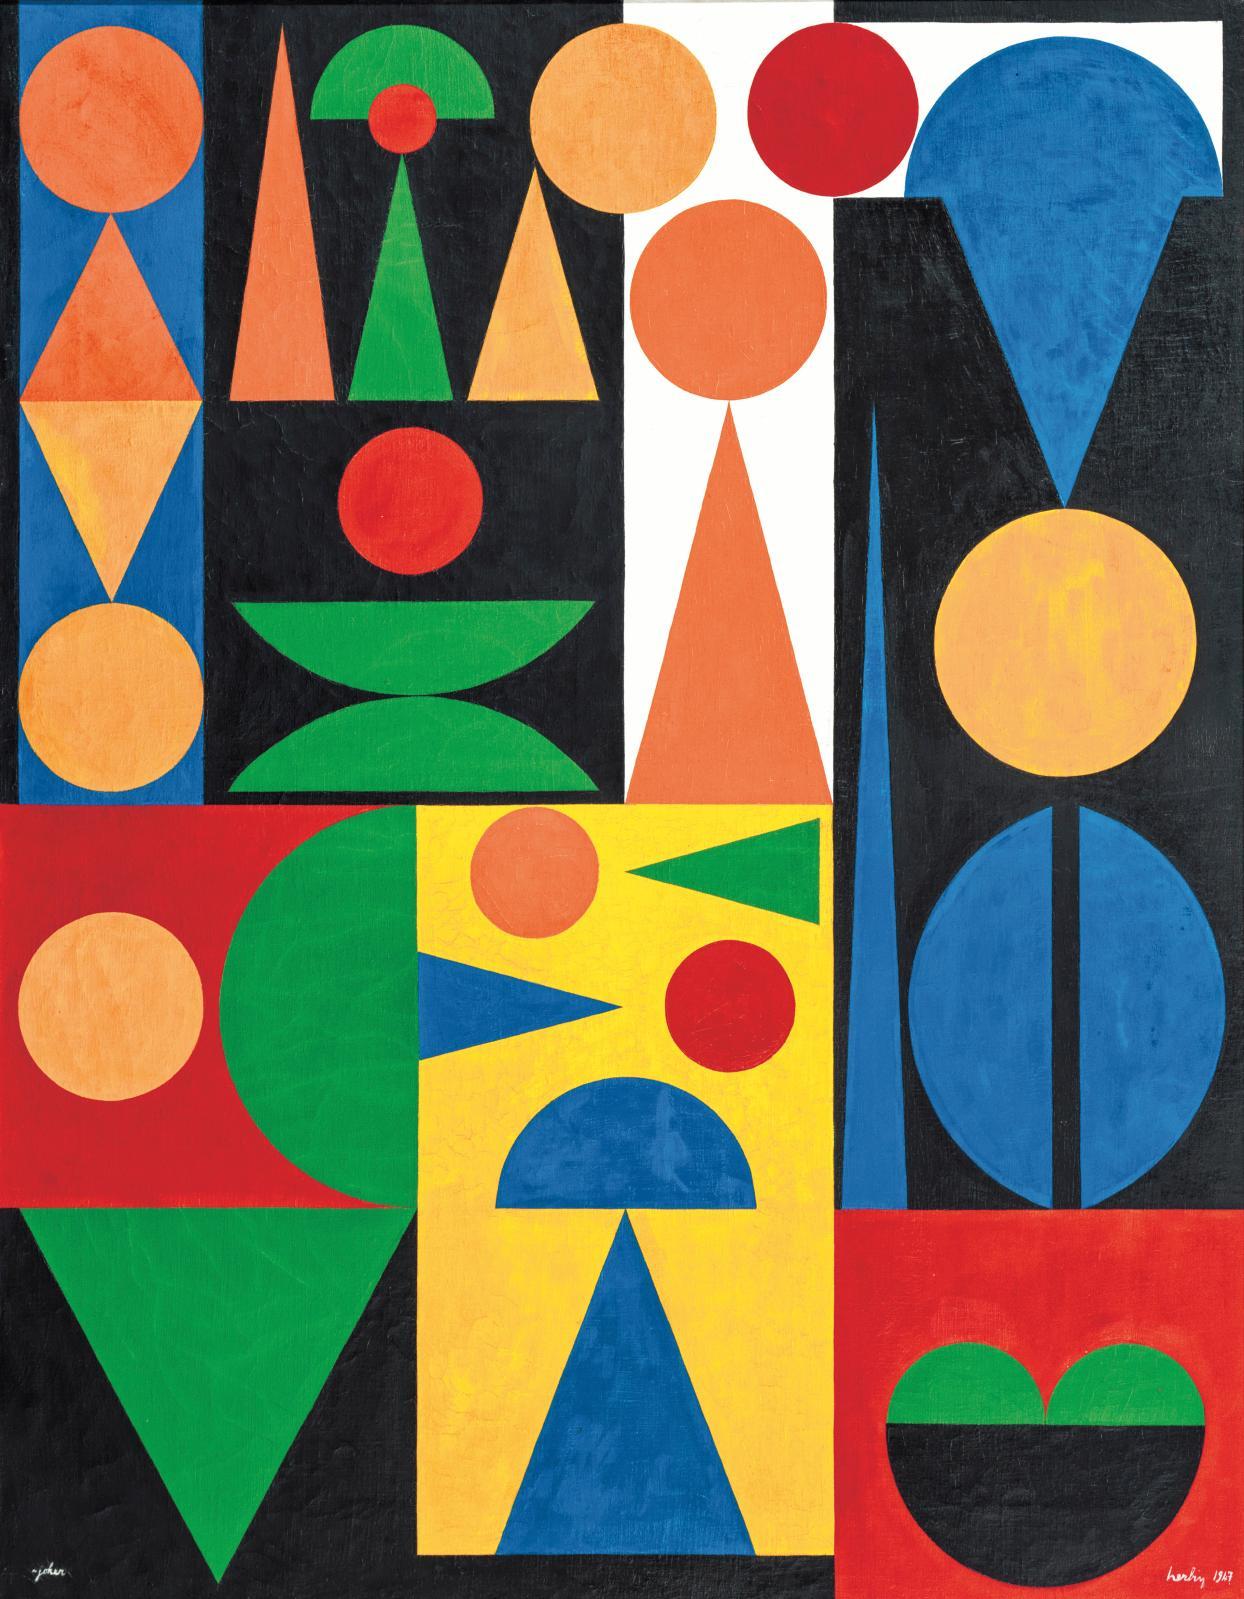 Auguste Herbin (1882-1960), Joker, huile sur toile signée et datée 1947, 120x95cm (détail).Adjugé: 204400€